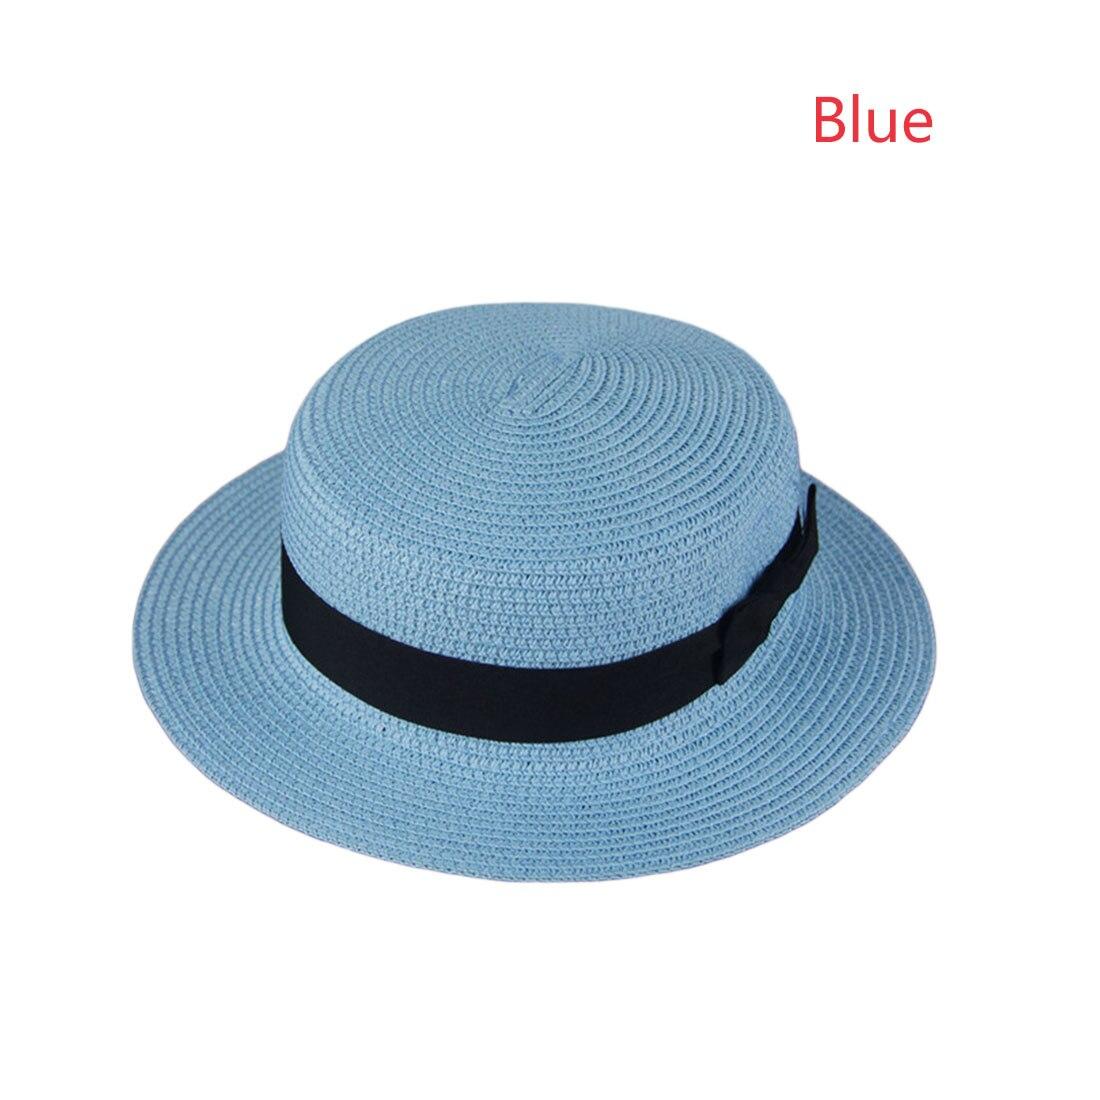 Kopfbedeckungen Für Damen Flache Top Stroh Strand Hut Panama Hut Sommer Hüte Für Frauen Stroh Hüte Snapback Gorras Spitze Dame Sonne Kappen Band Bogen Runde